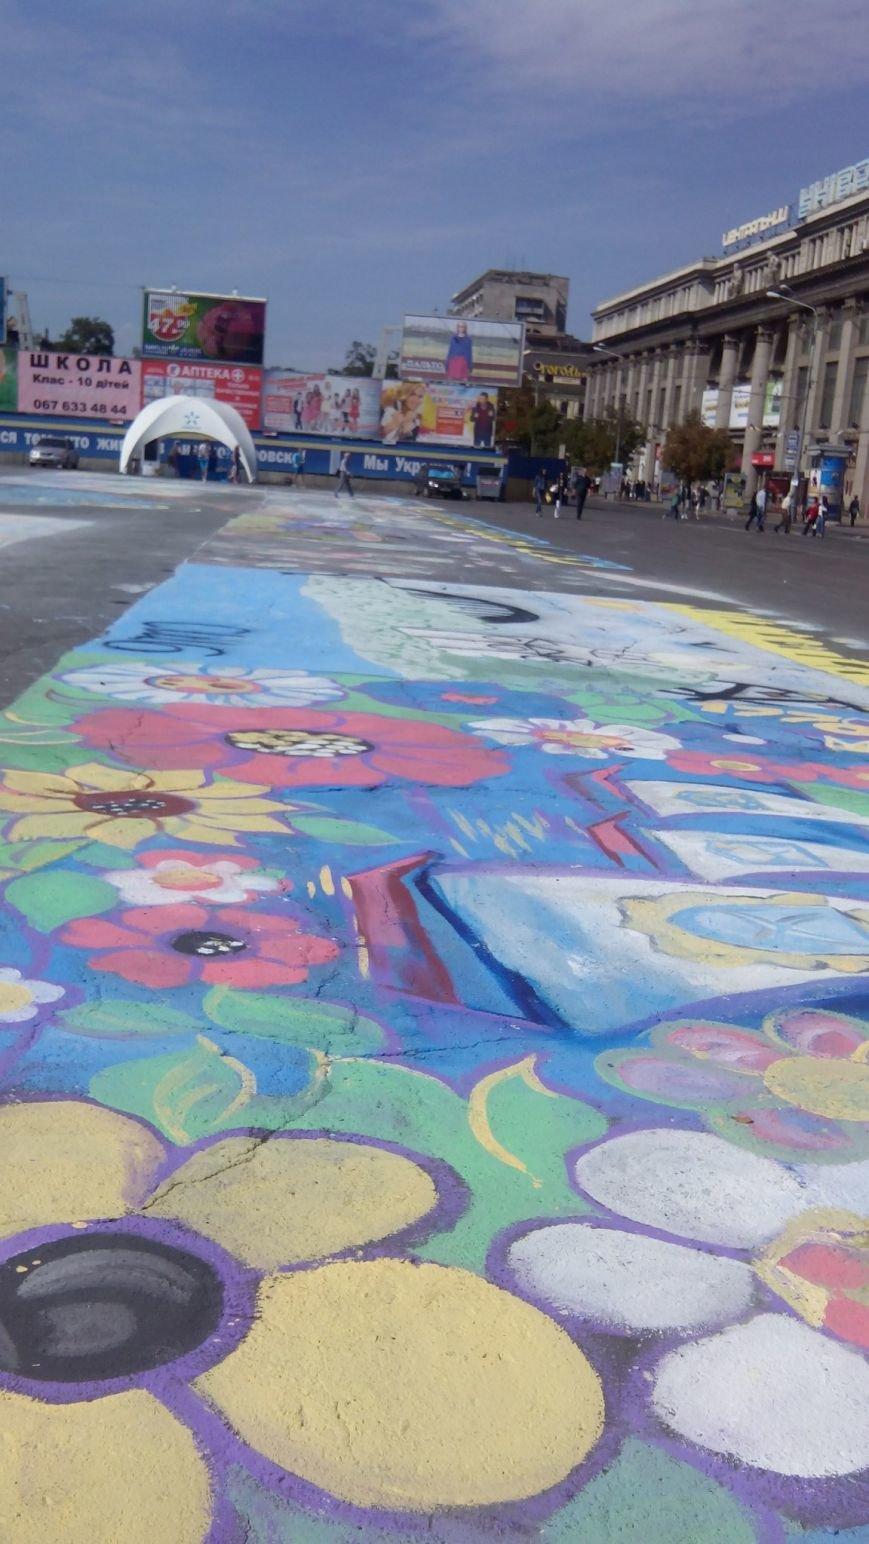 На День города днепропетровцы нарисовали самую большую картину в Украине (ФОТО) (фото) - фото 4